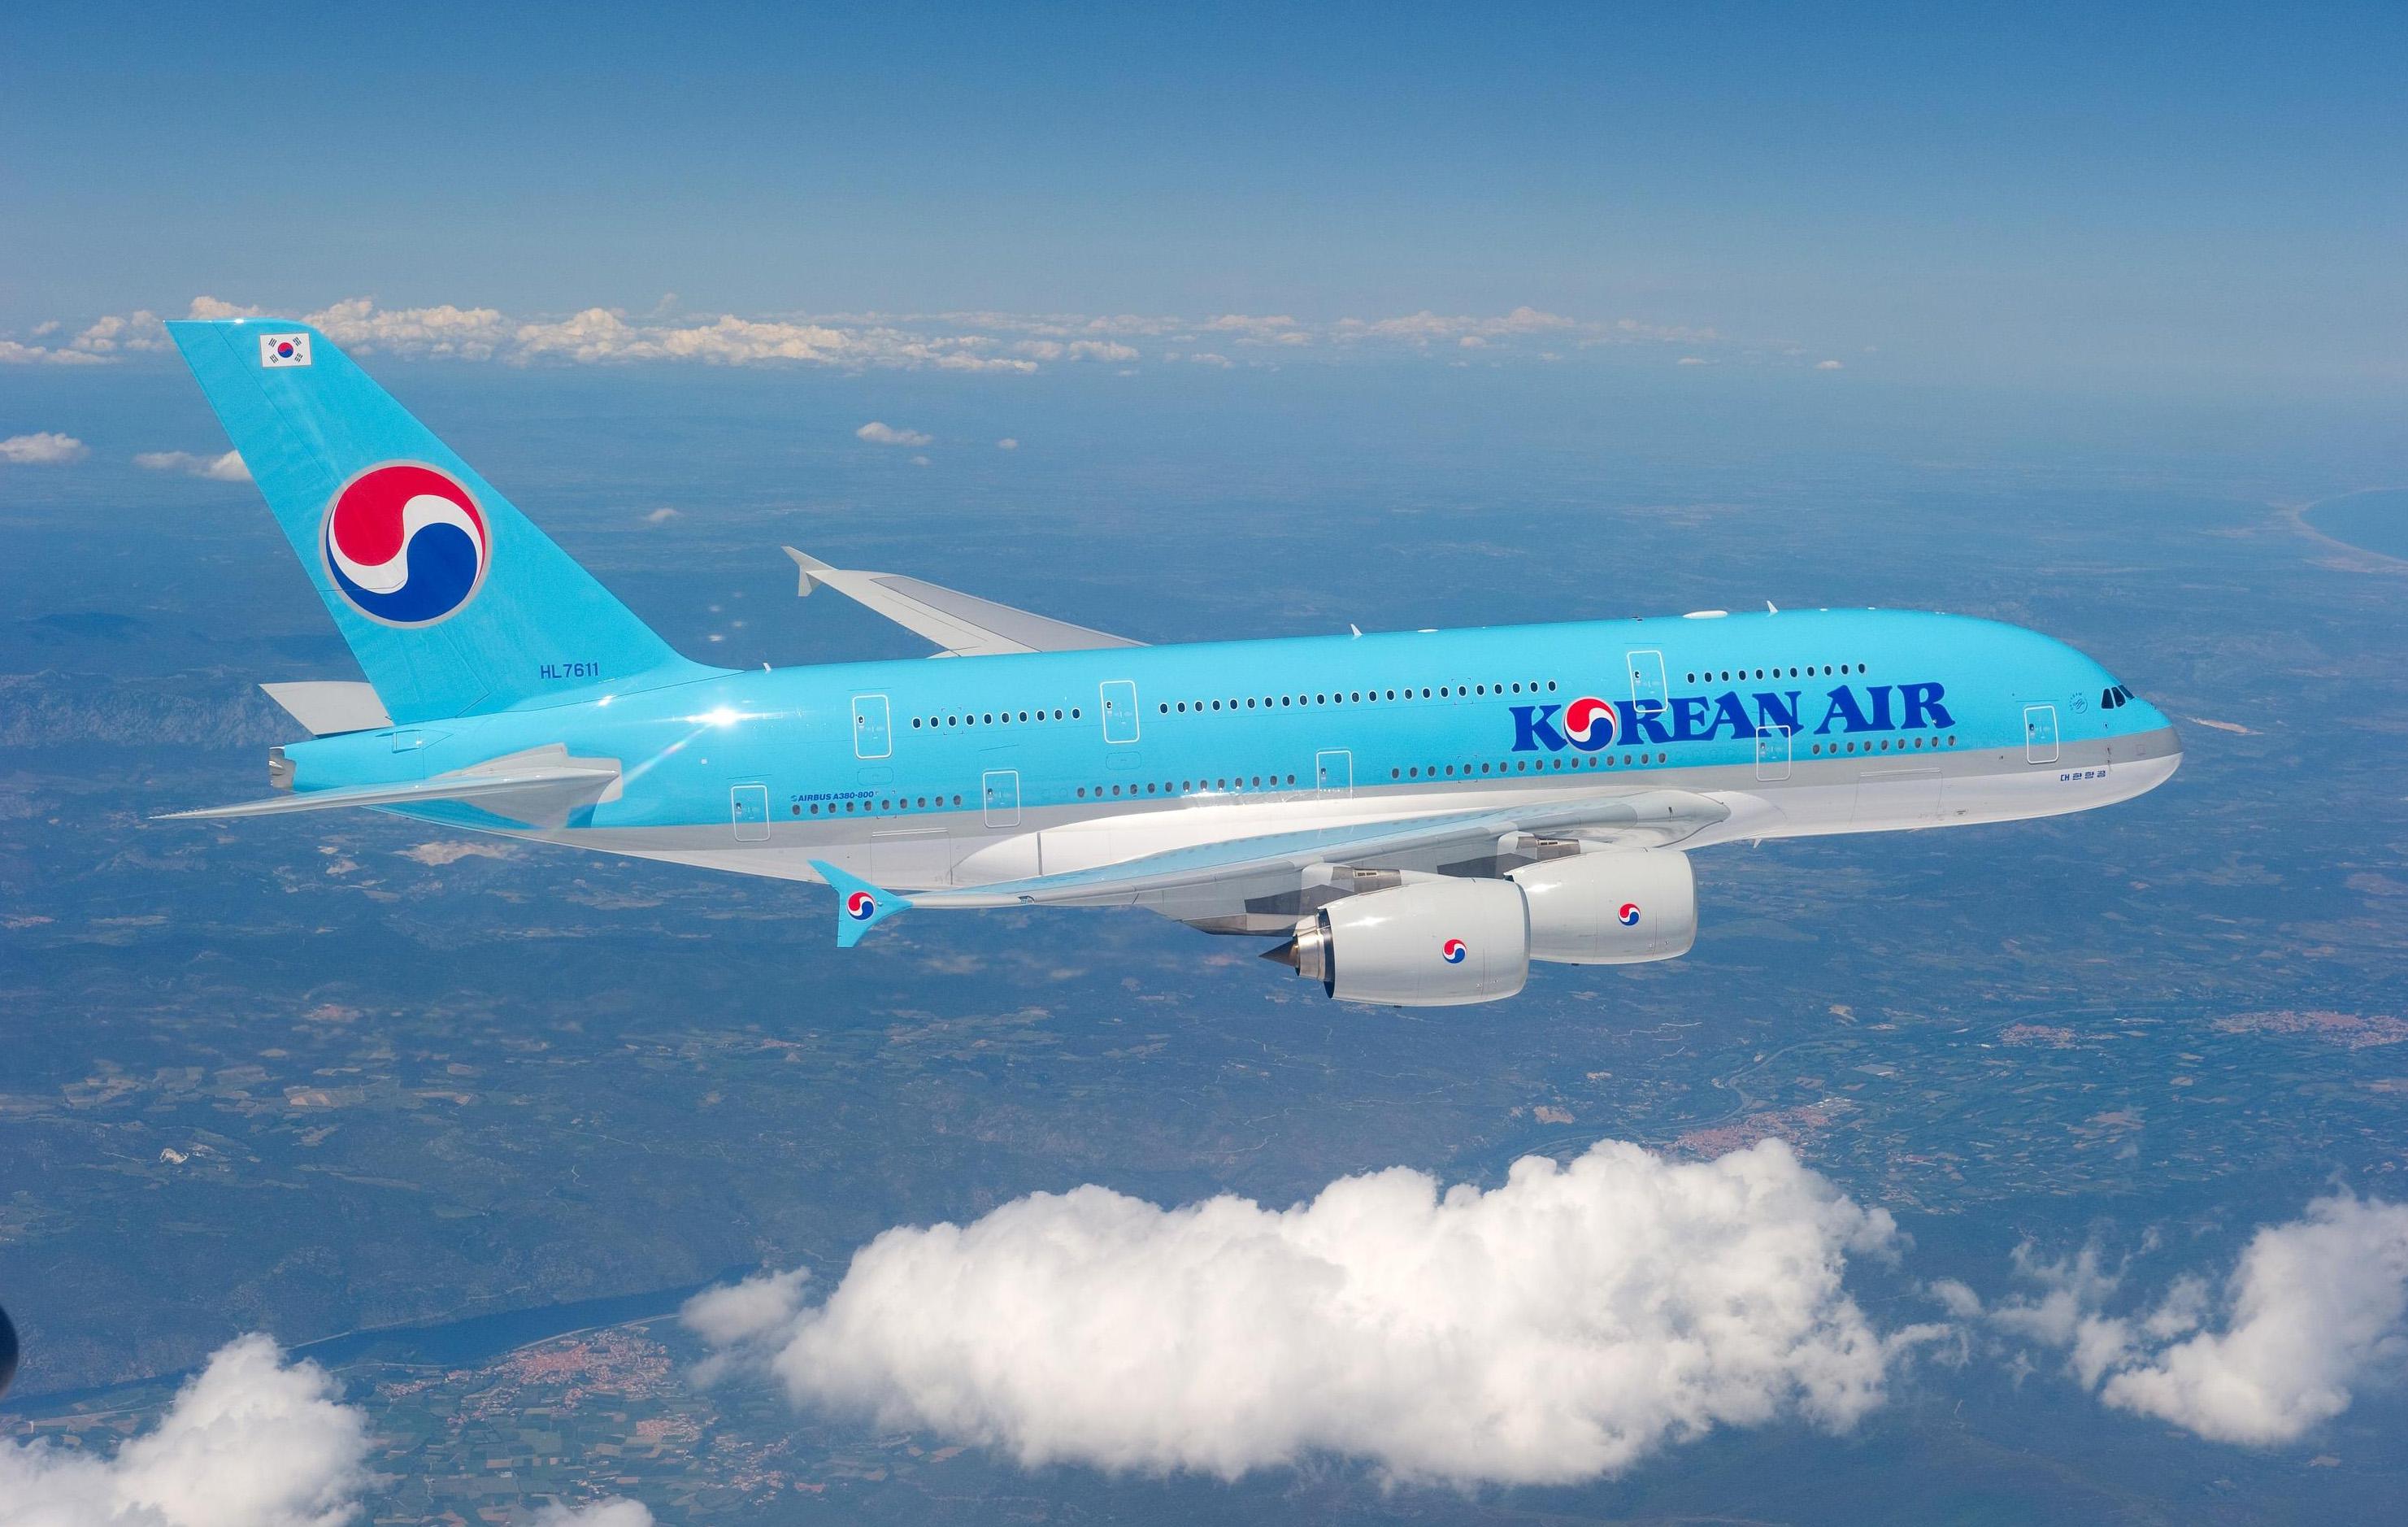 Hình ảnh máy bay màu xanh da trời nhạt